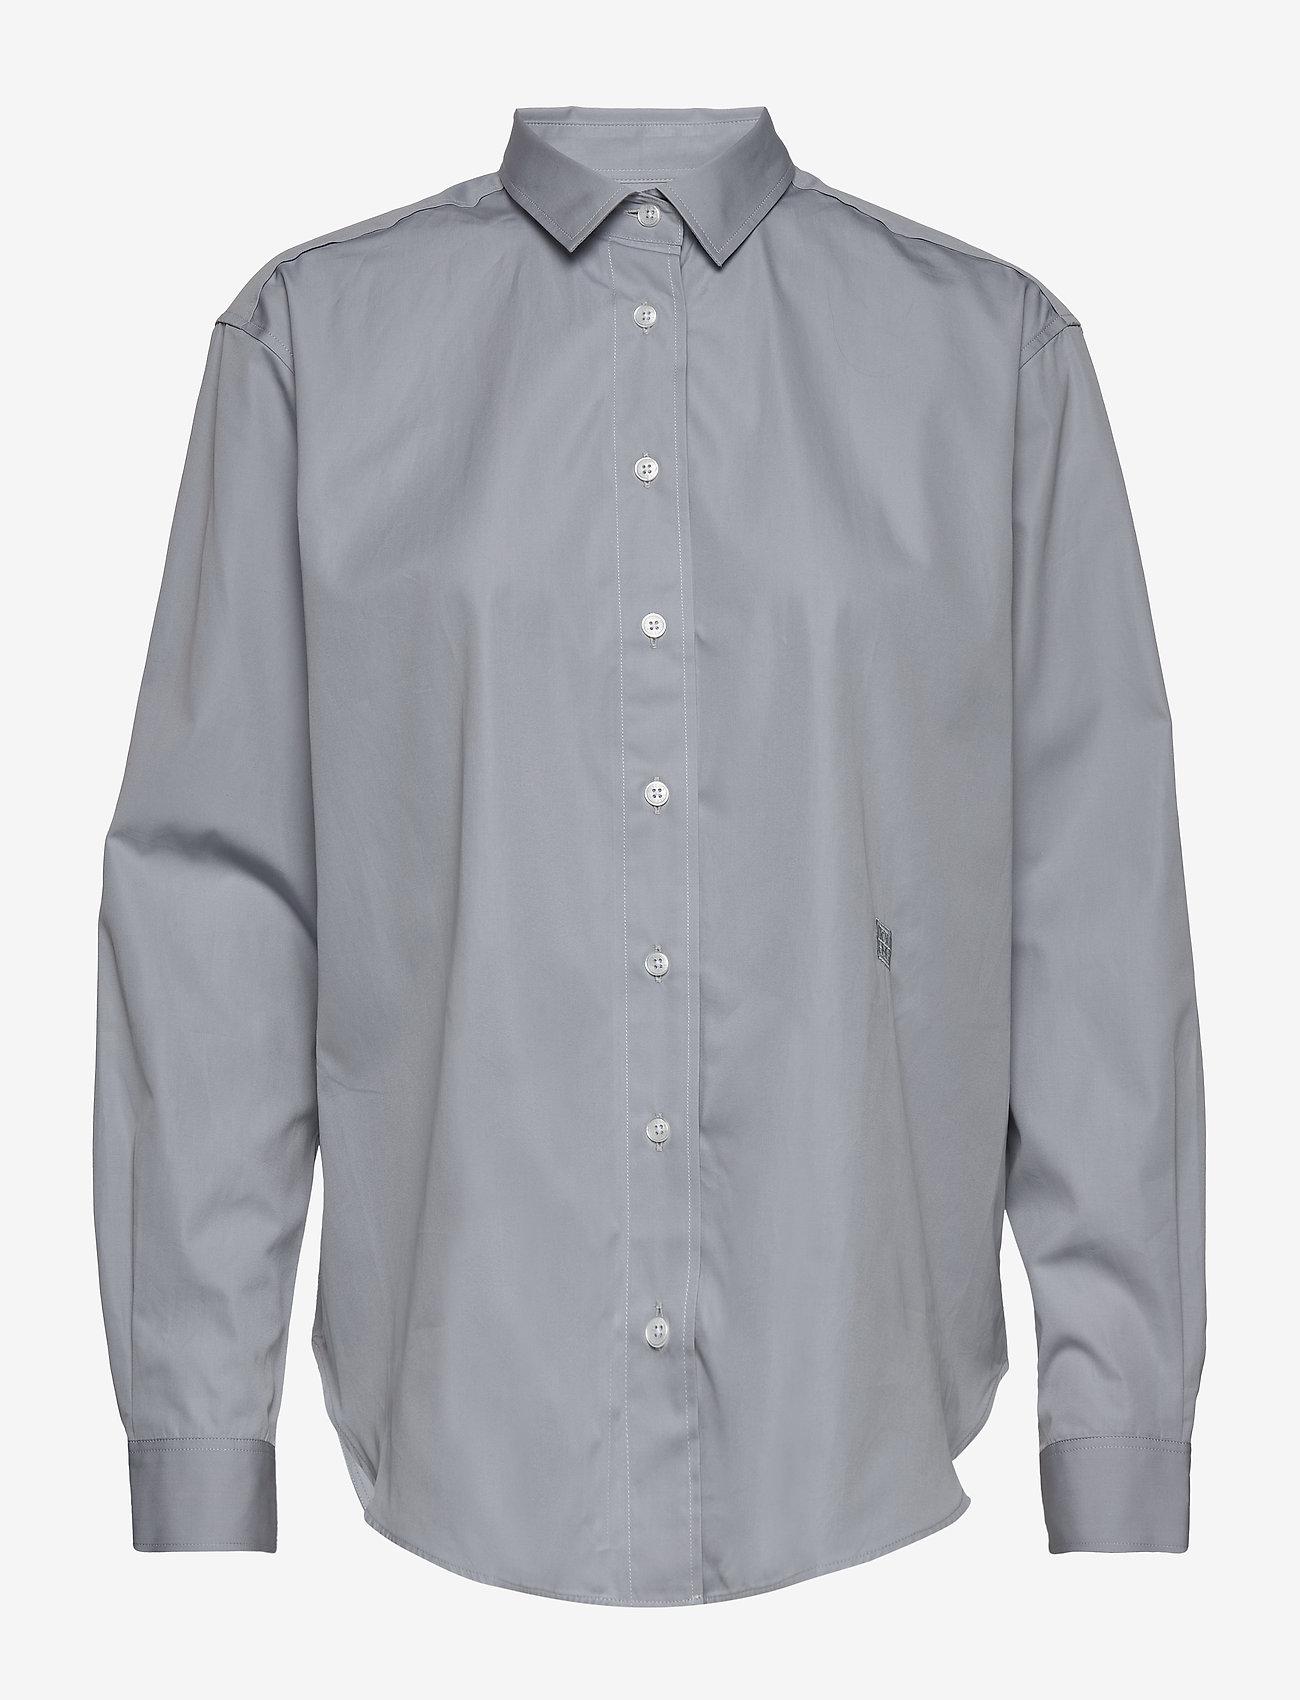 Totême - CAPRI - long-sleeved shirts - dove 460